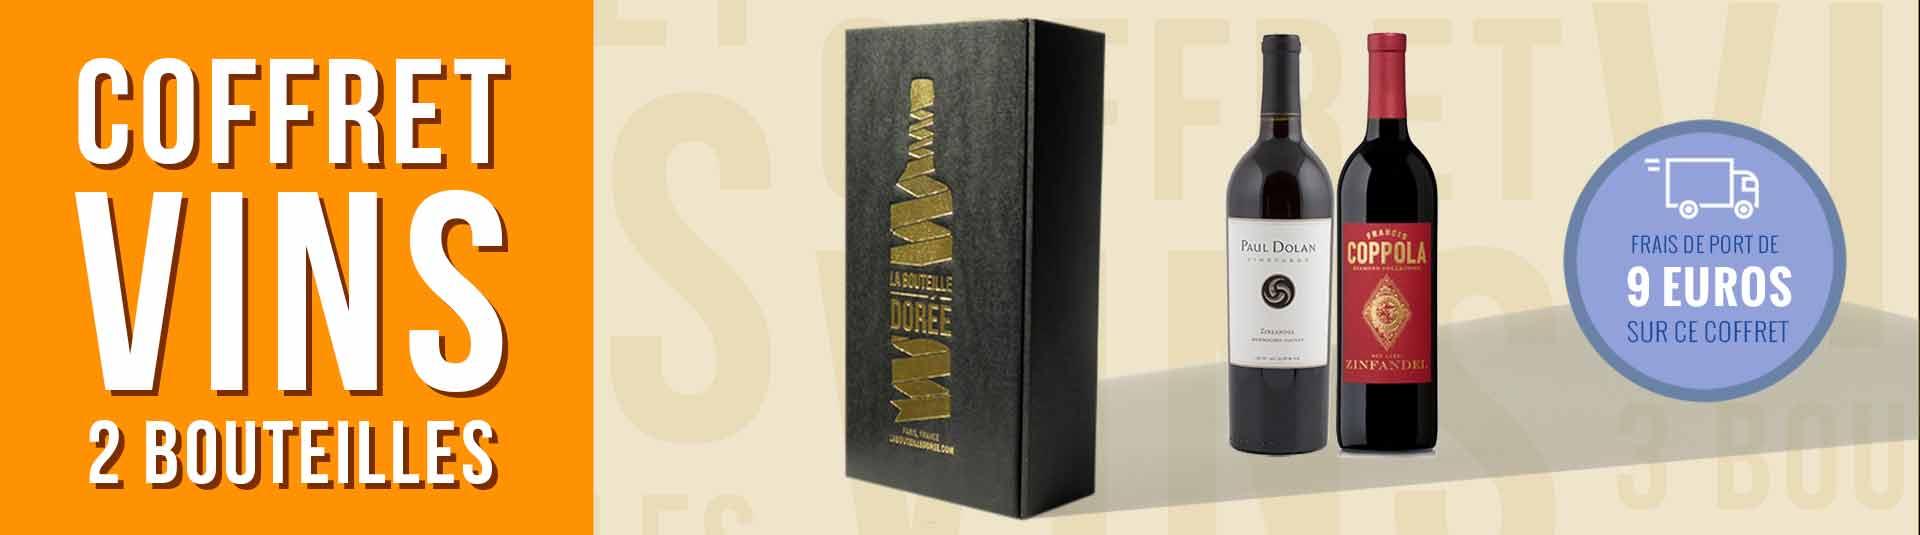 Coffret vin USA Zinfandel 2 bouteilles